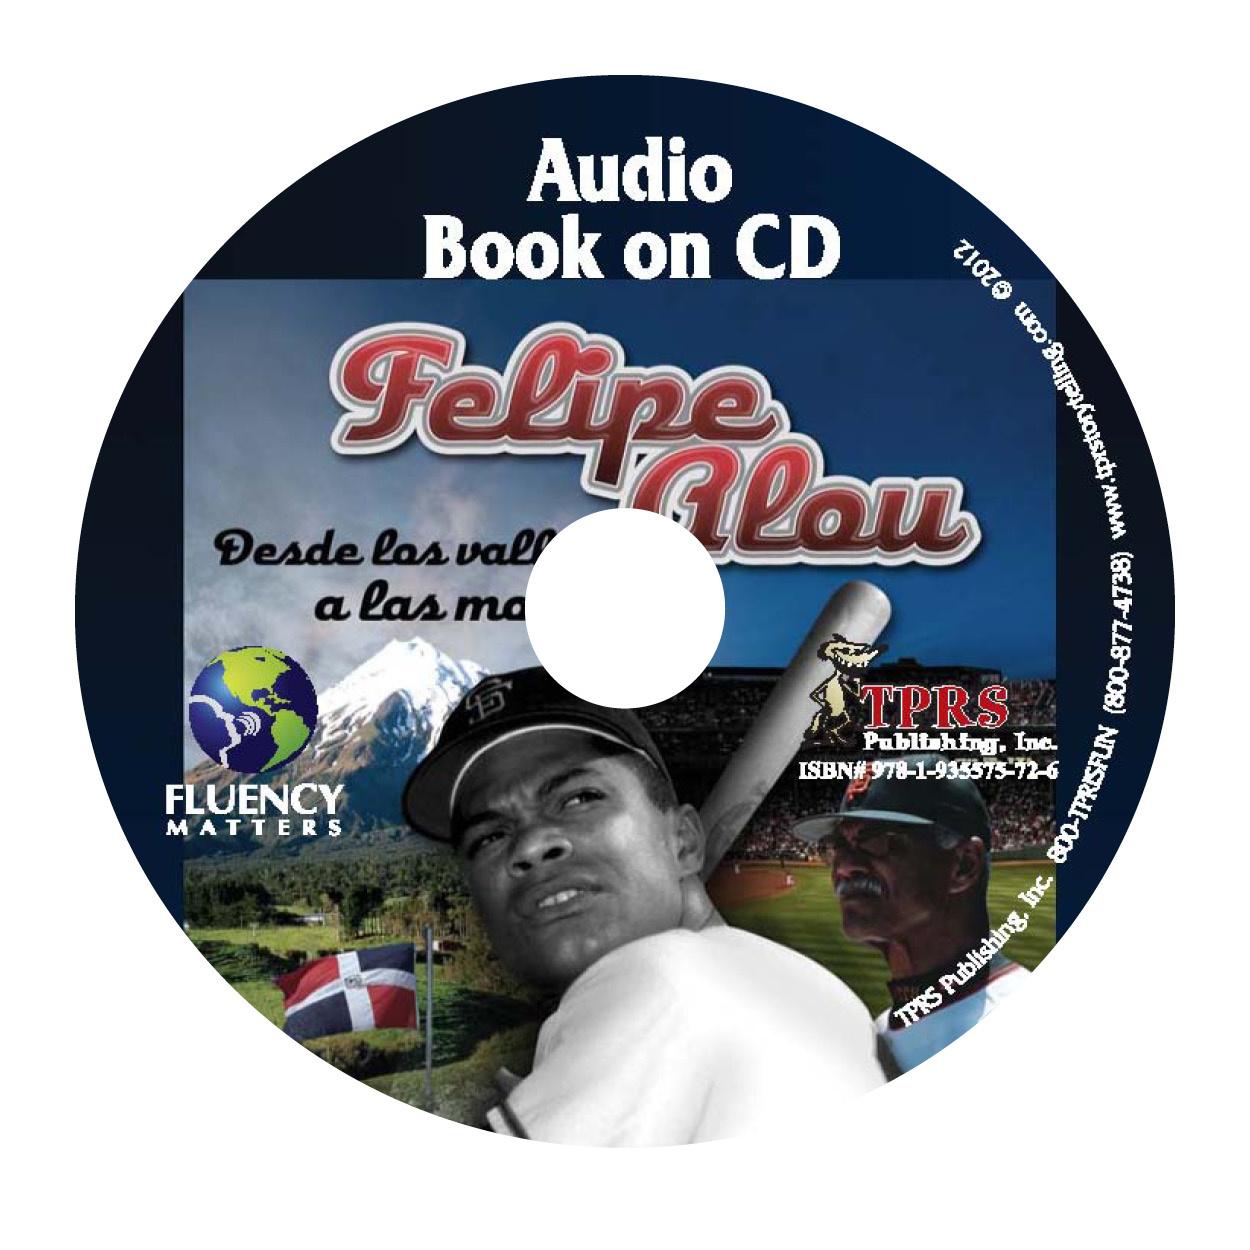 Felipe Alou: Desde los valles a las montañas - audio book